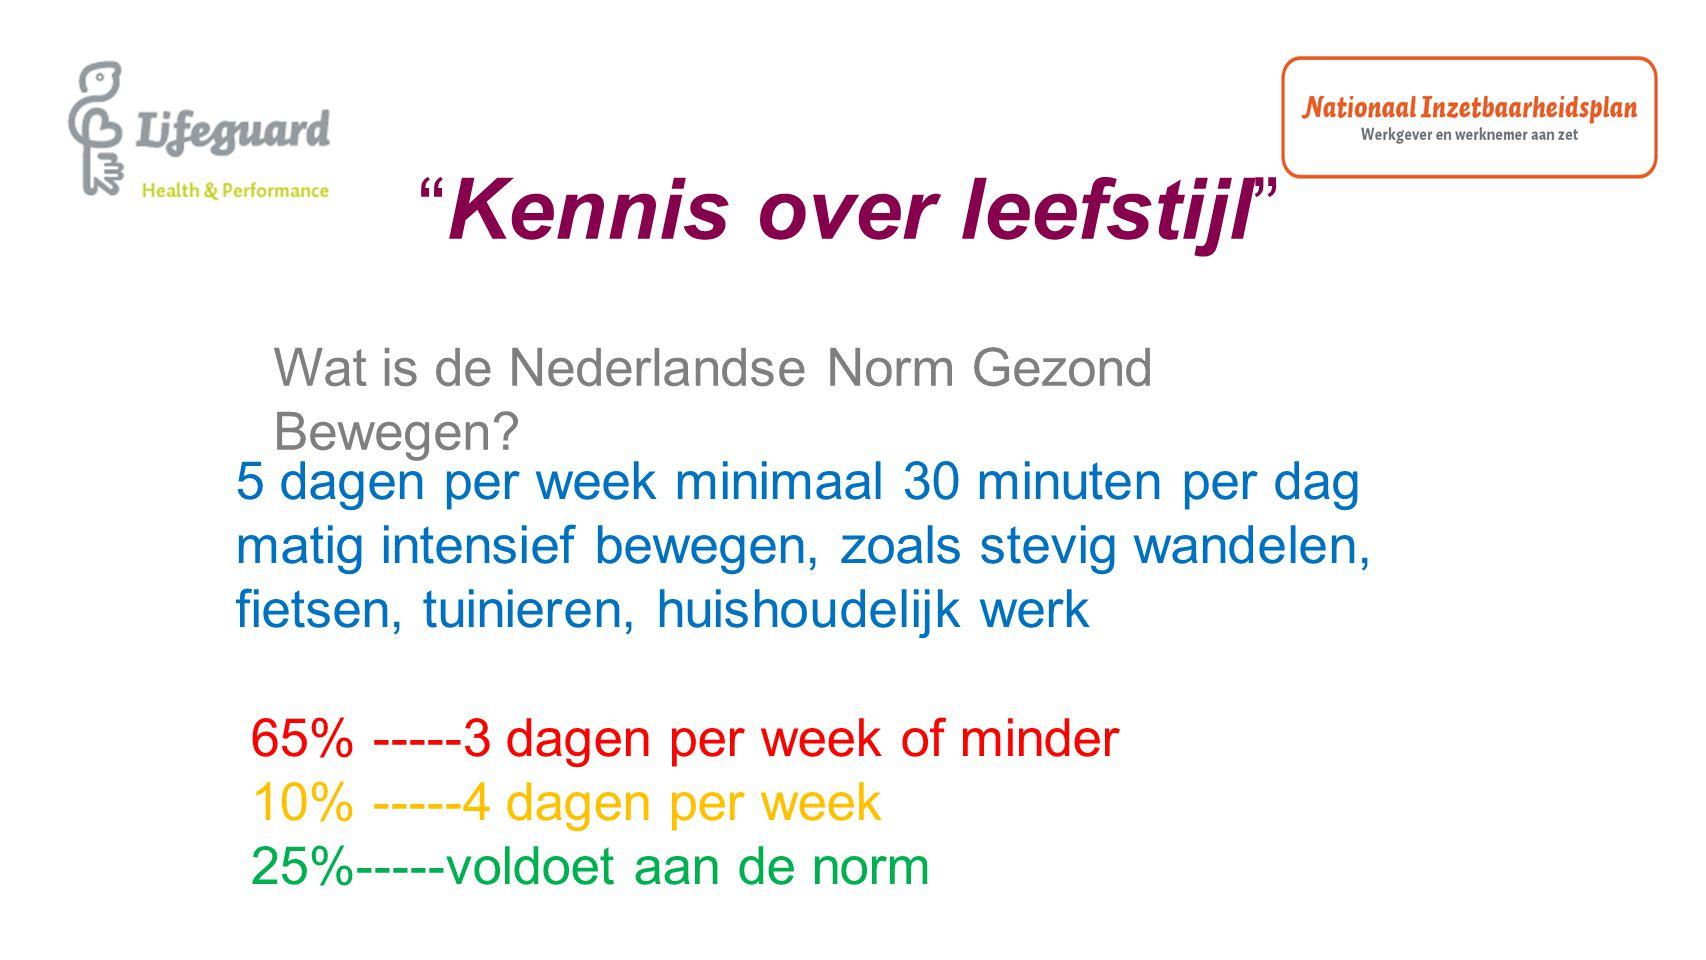 Meer informatie over het Nationaal Inzetbaarheidsplan vindt u op www.kroonophetwerk.nl.www.kroonophetwerk.nl U kunt ook rechtstreeks contact opnemen met: Wouter van Ginkel via wouter@kroonophetwerk.nl of tel.